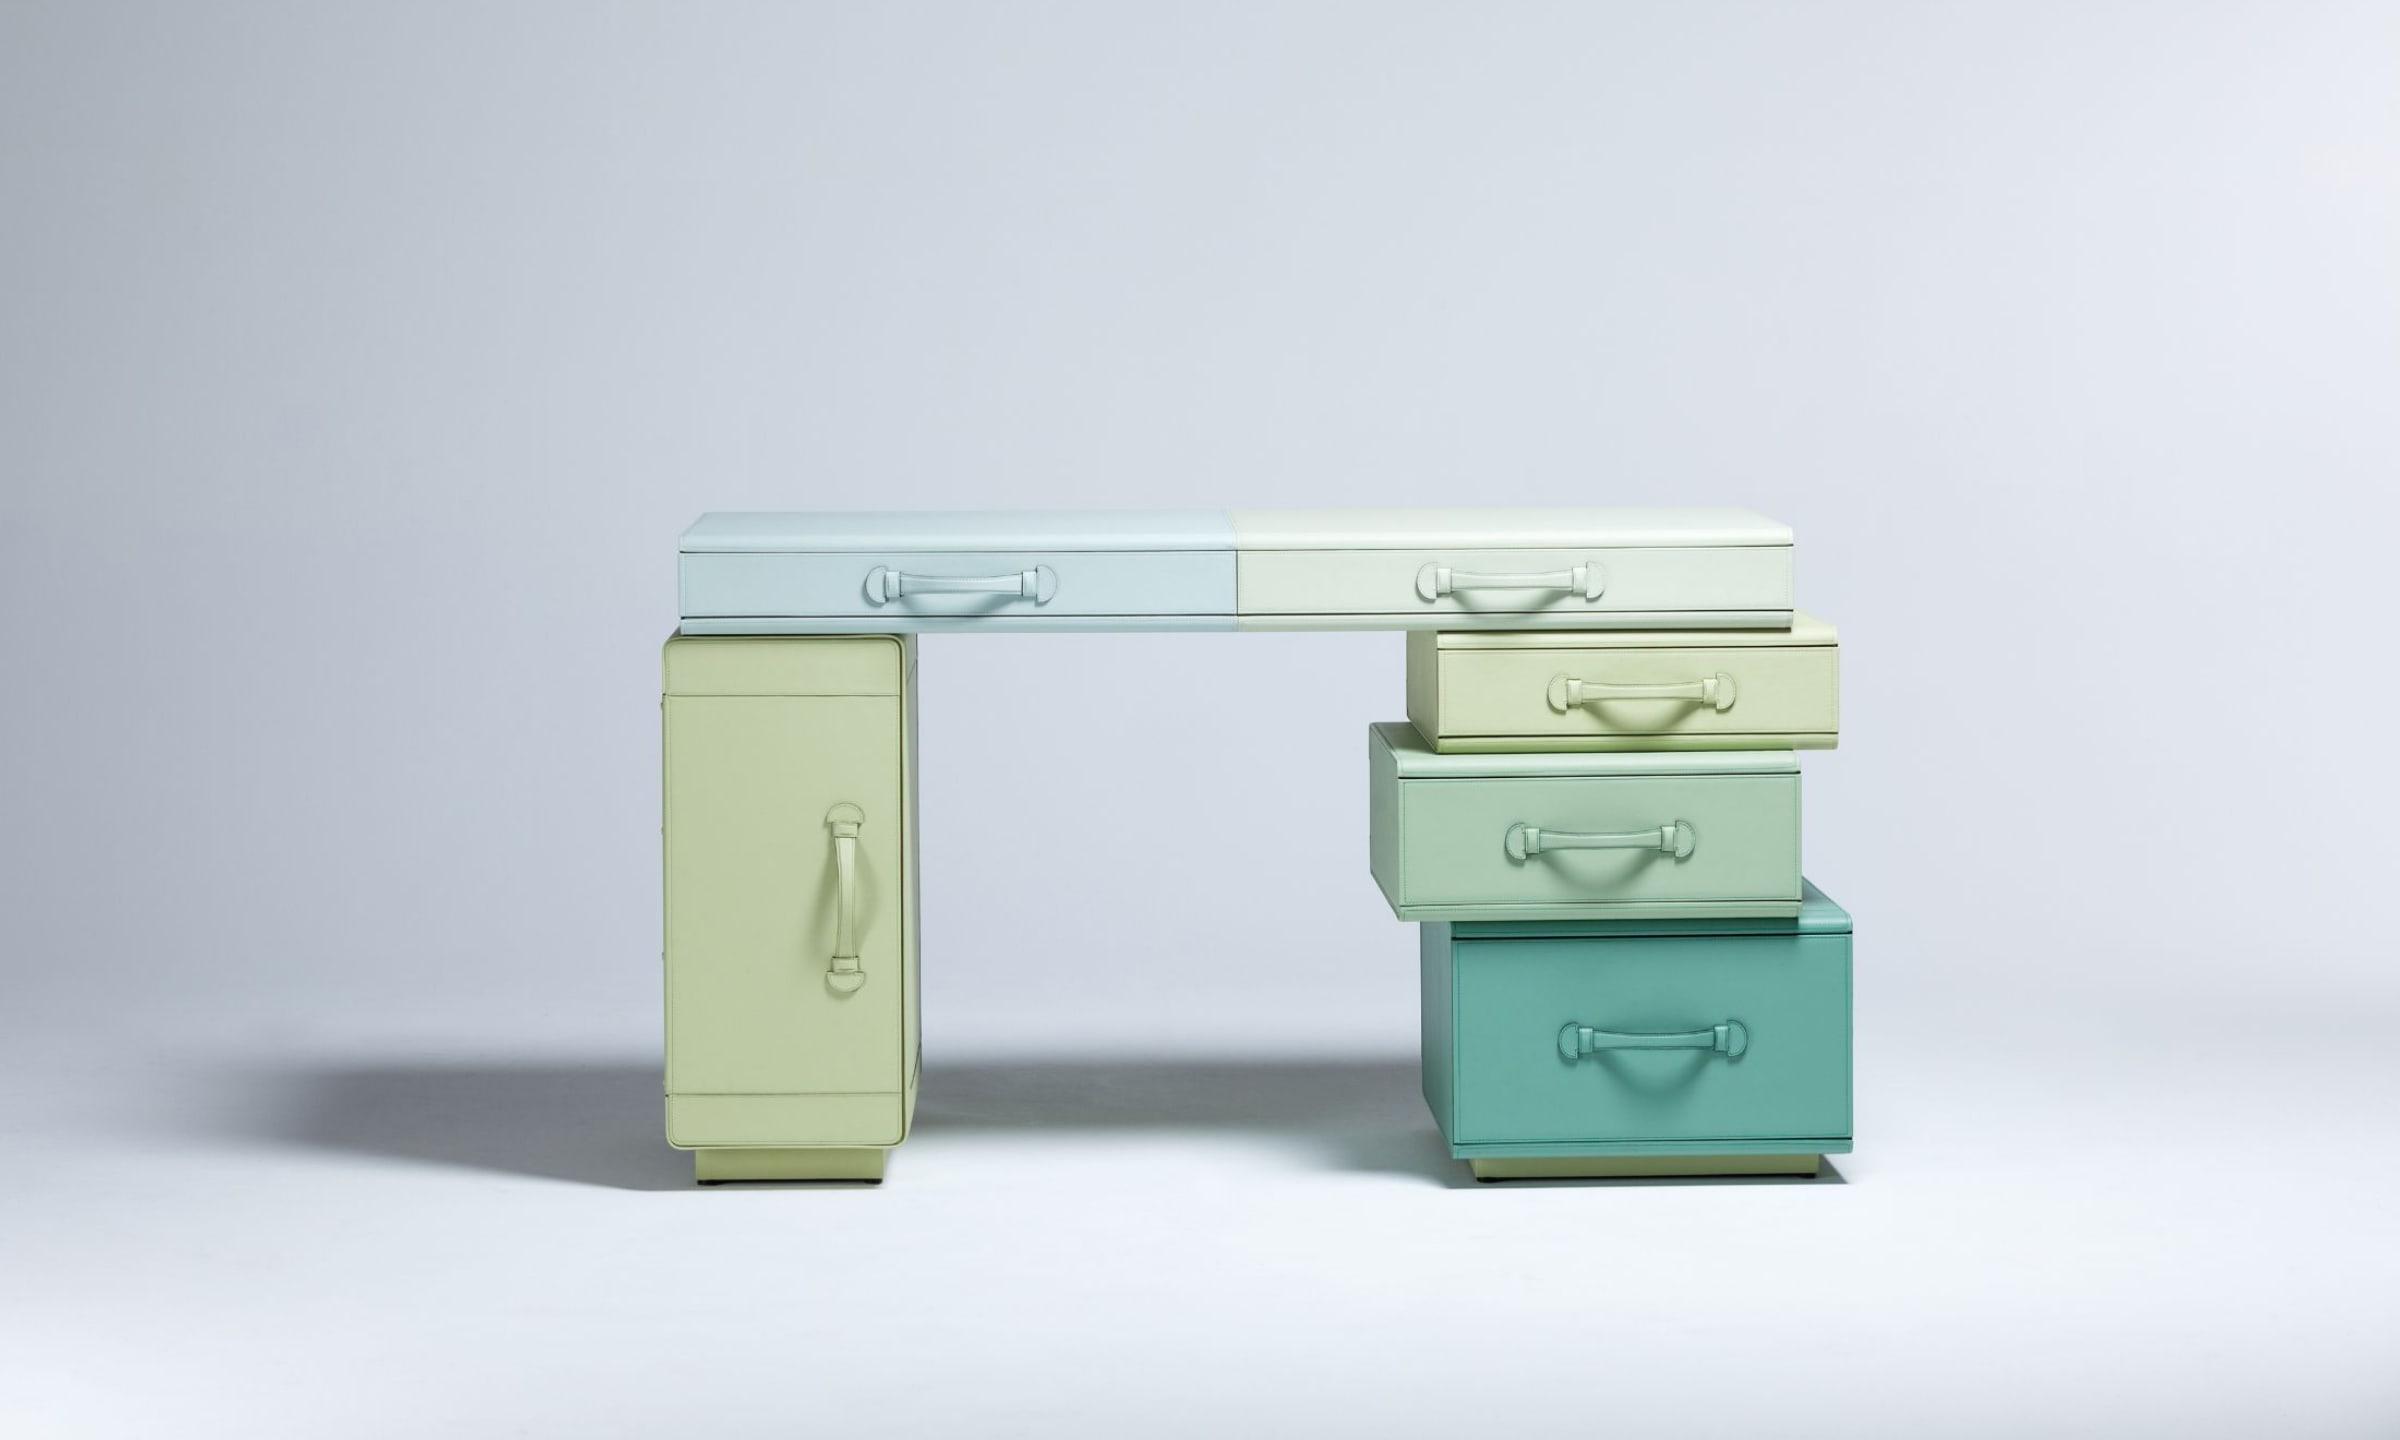 Maarten De Ceulaer - Writing Desk of Suitcases - 2 - picture by Nico Neefs